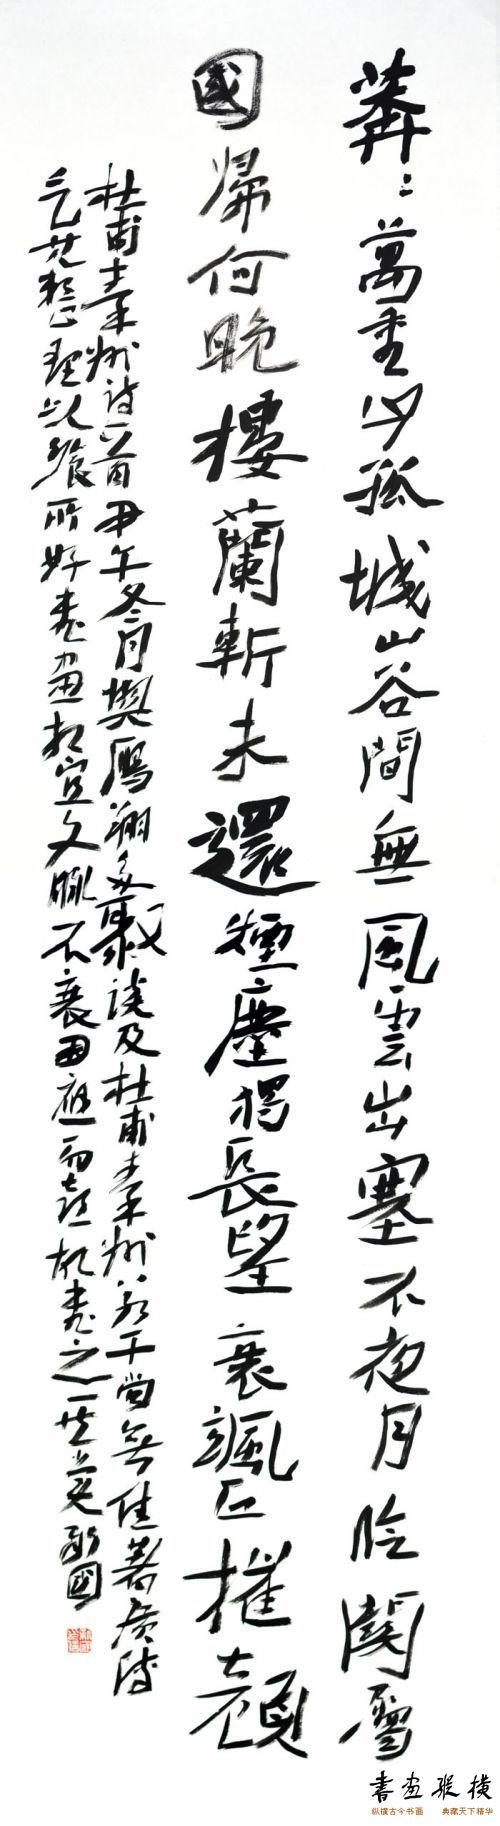 《秦州杂诗》之七 178X48CM